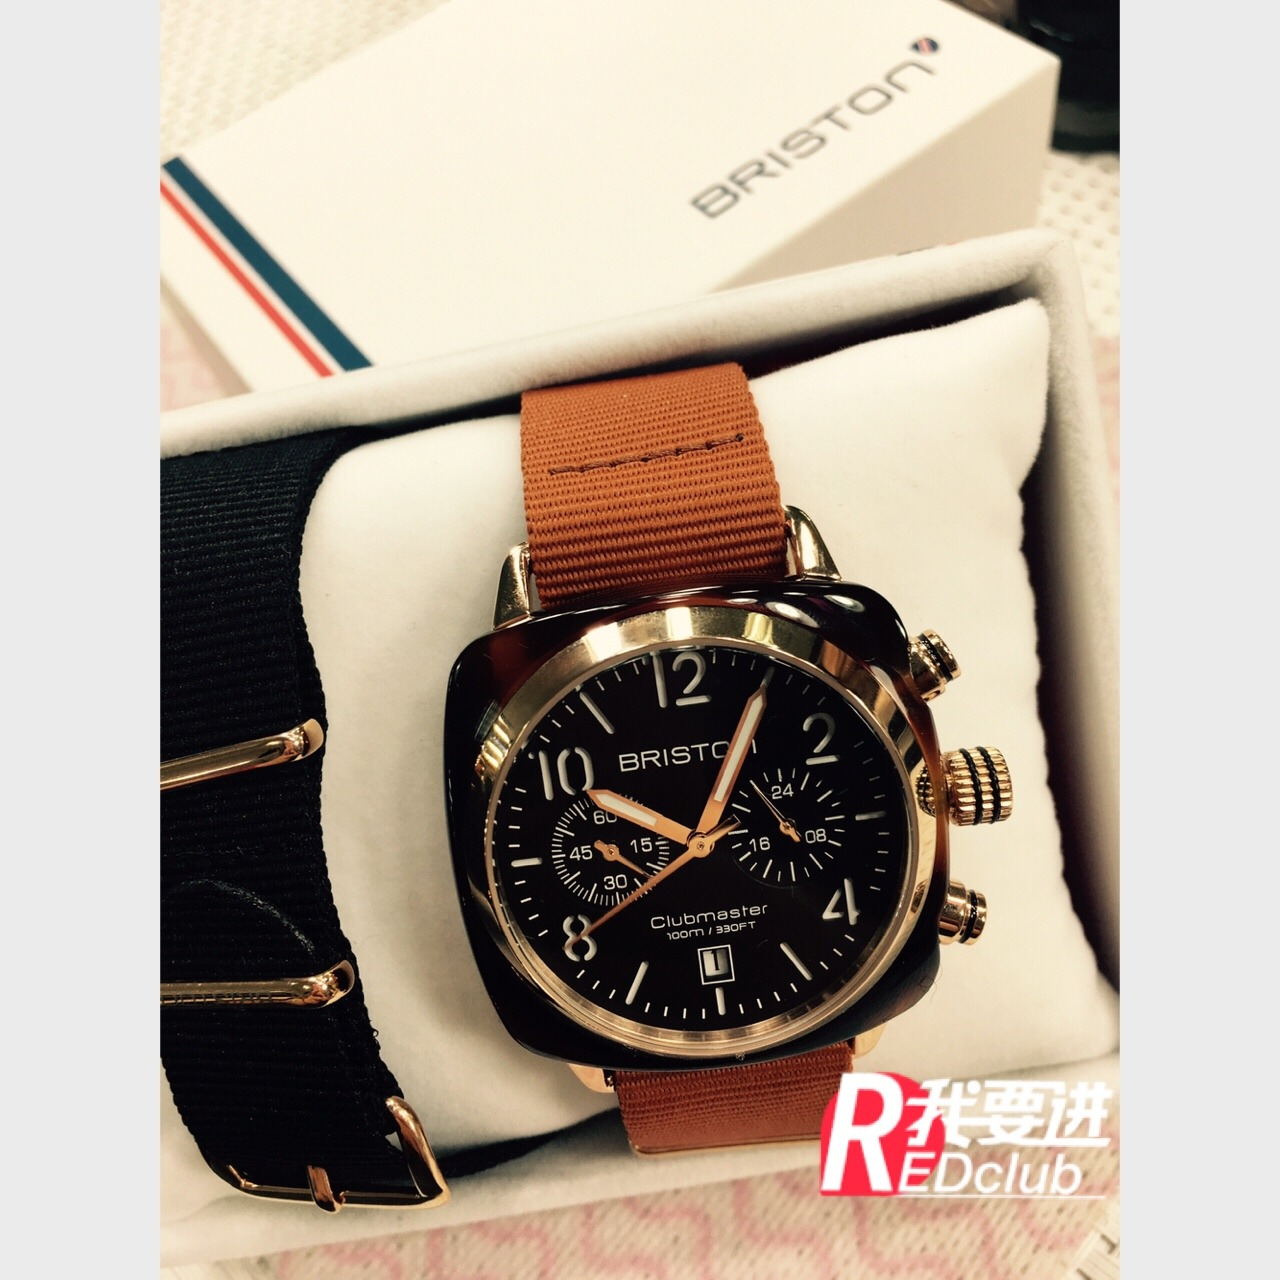 英国品牌briston的手表